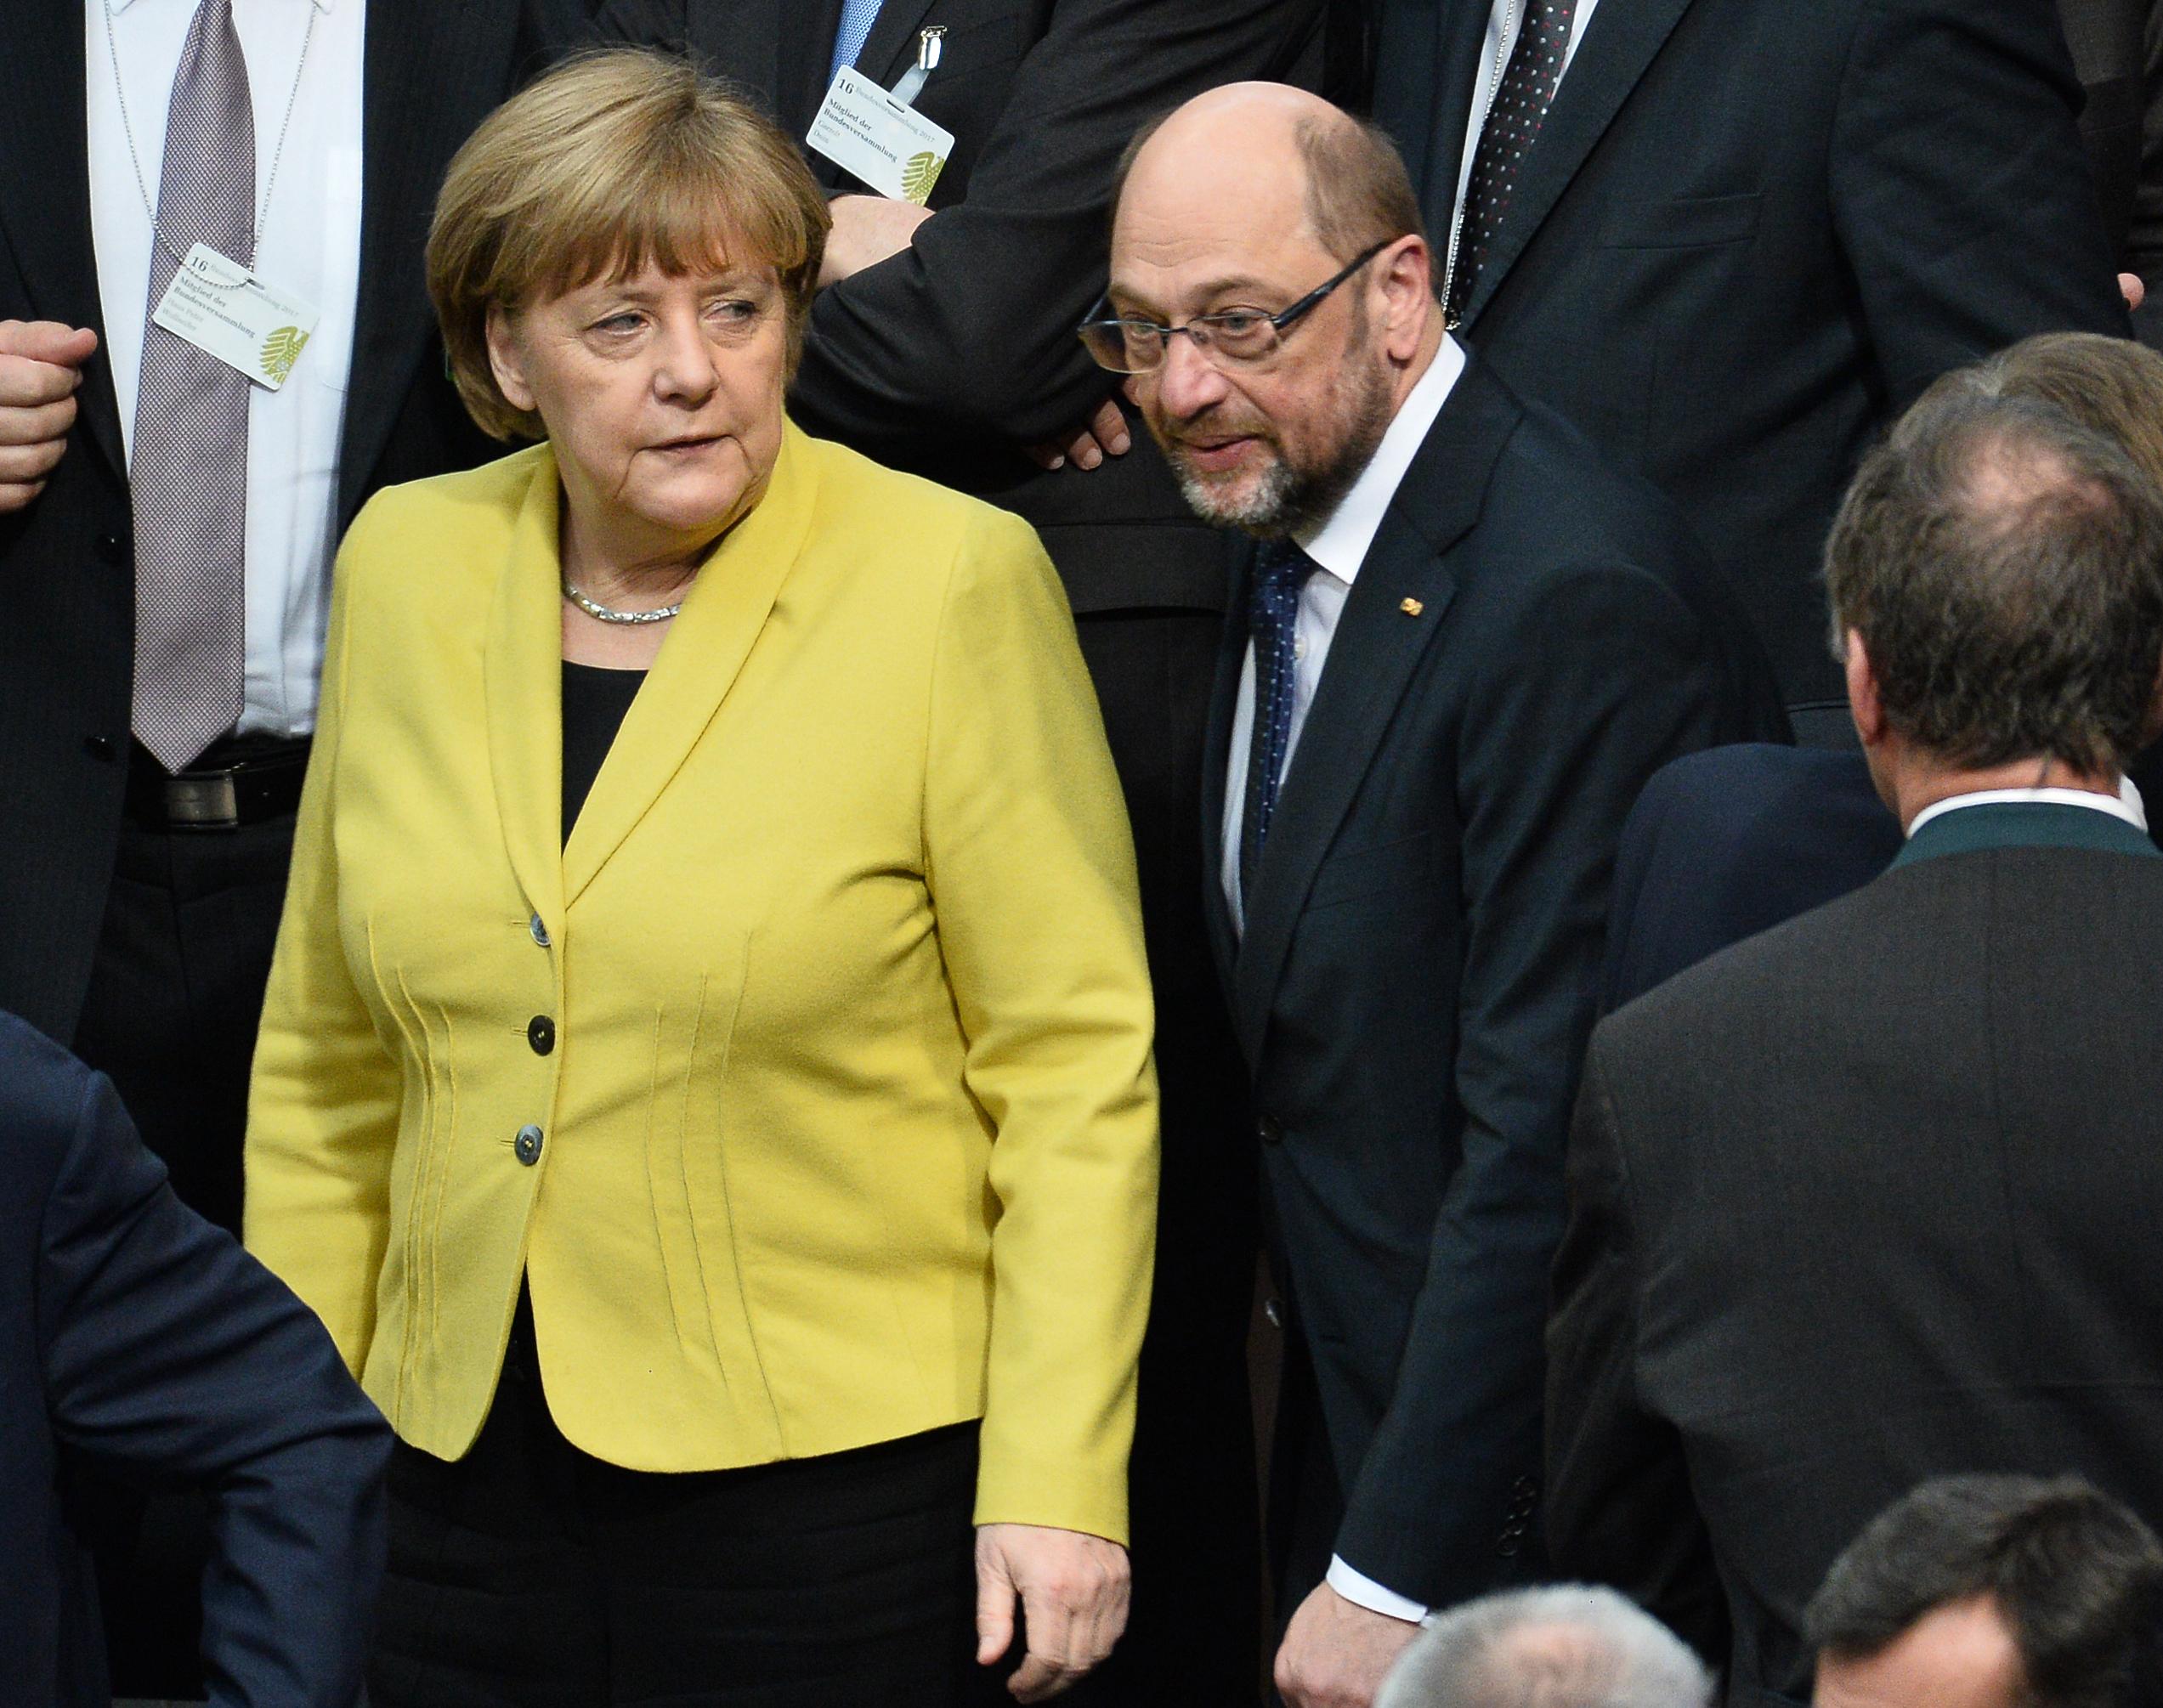 Fej fej mellett Merkel és Schulz pártjai